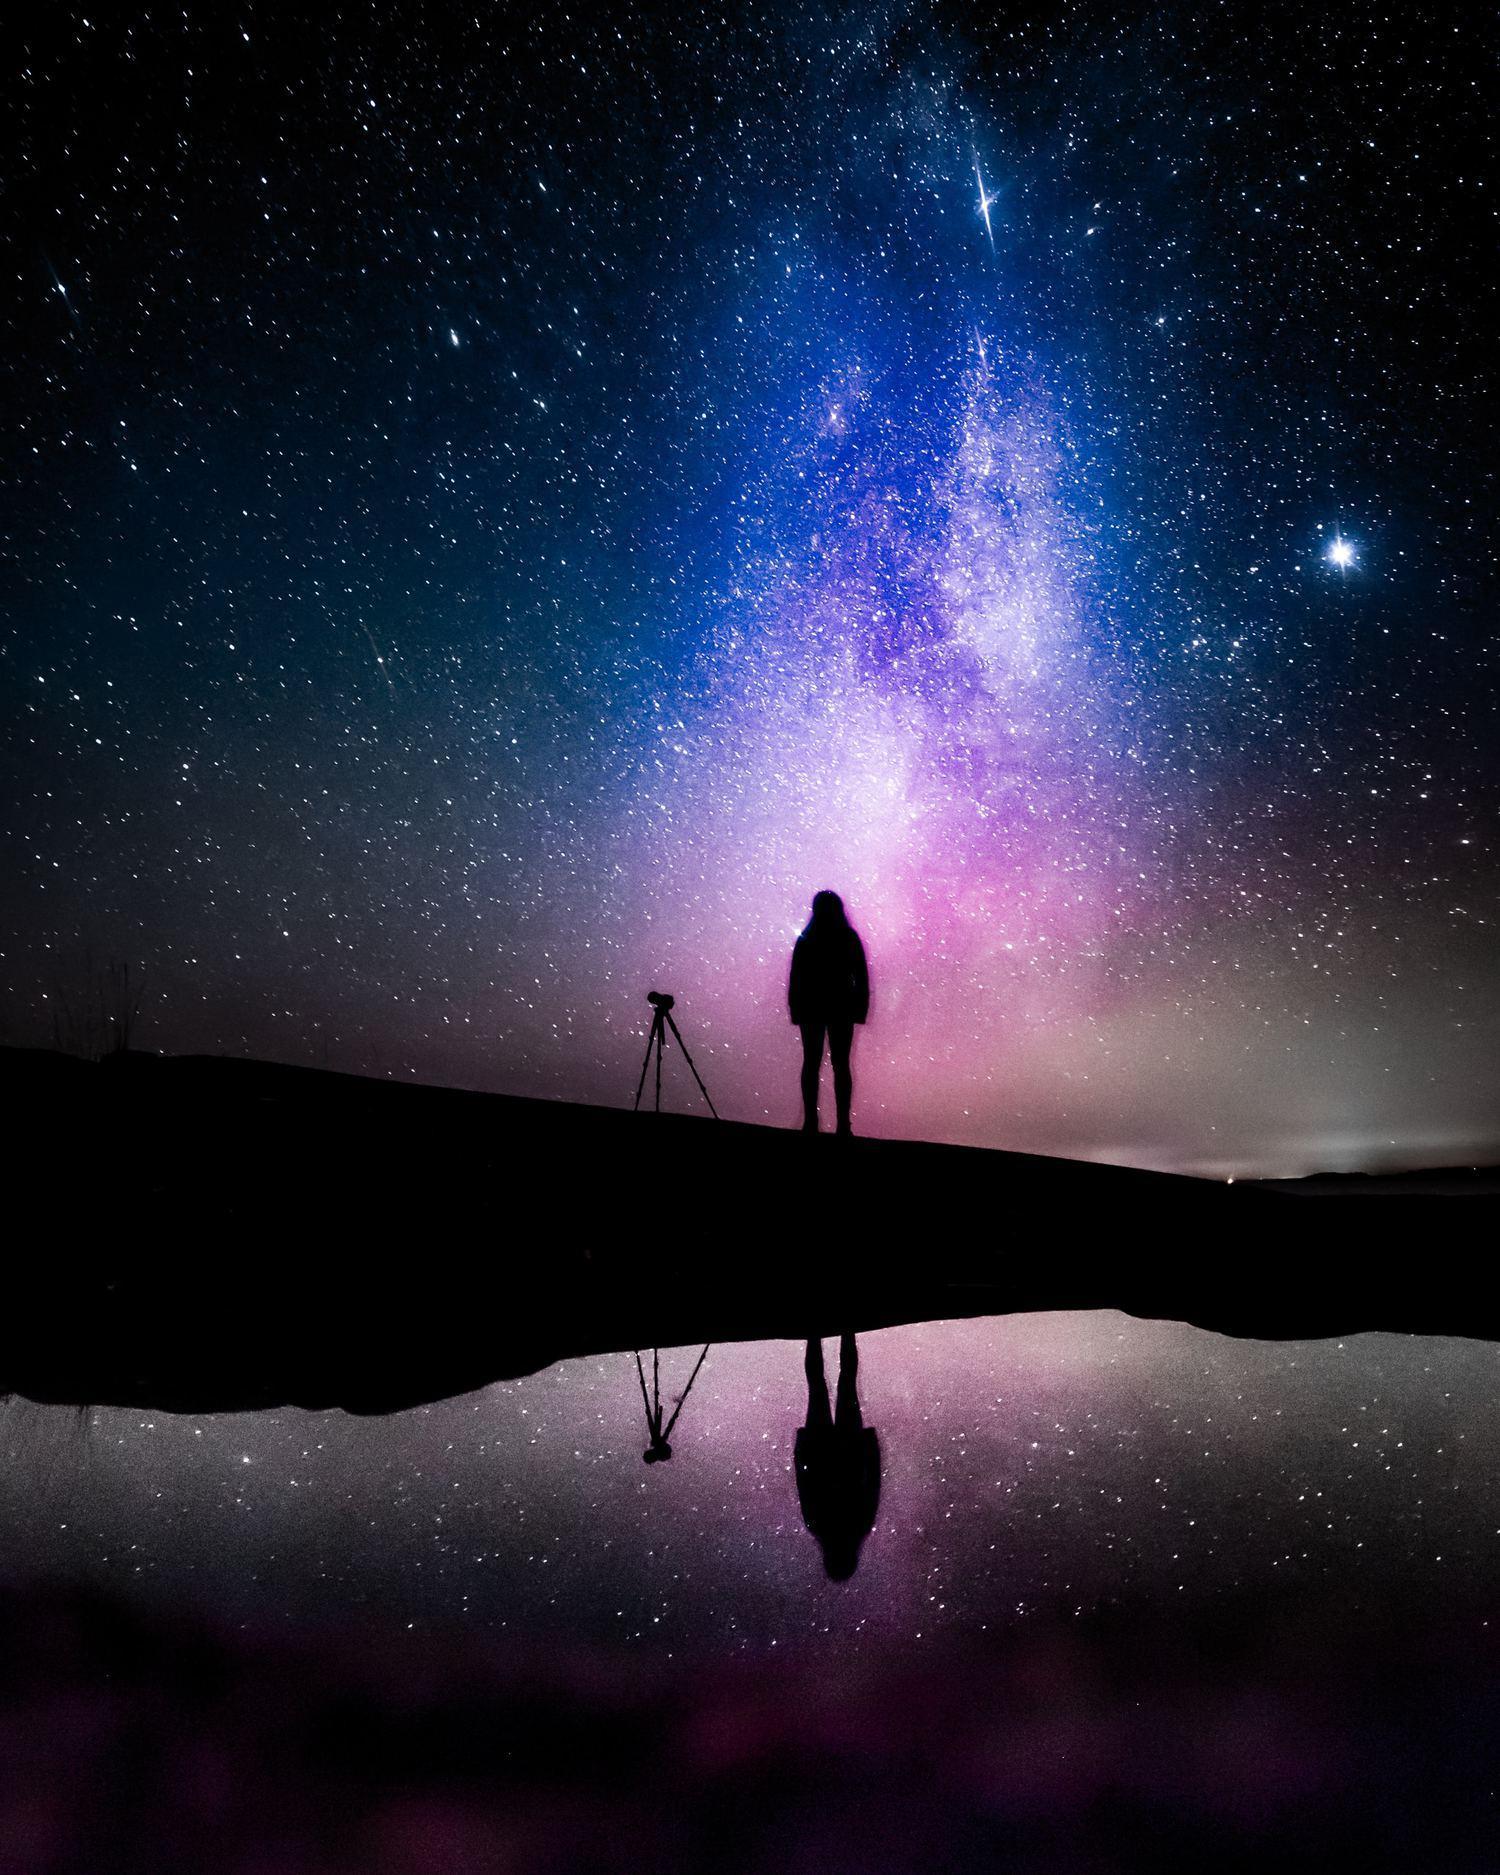 Fotografiando estrellas y Vía Láctea